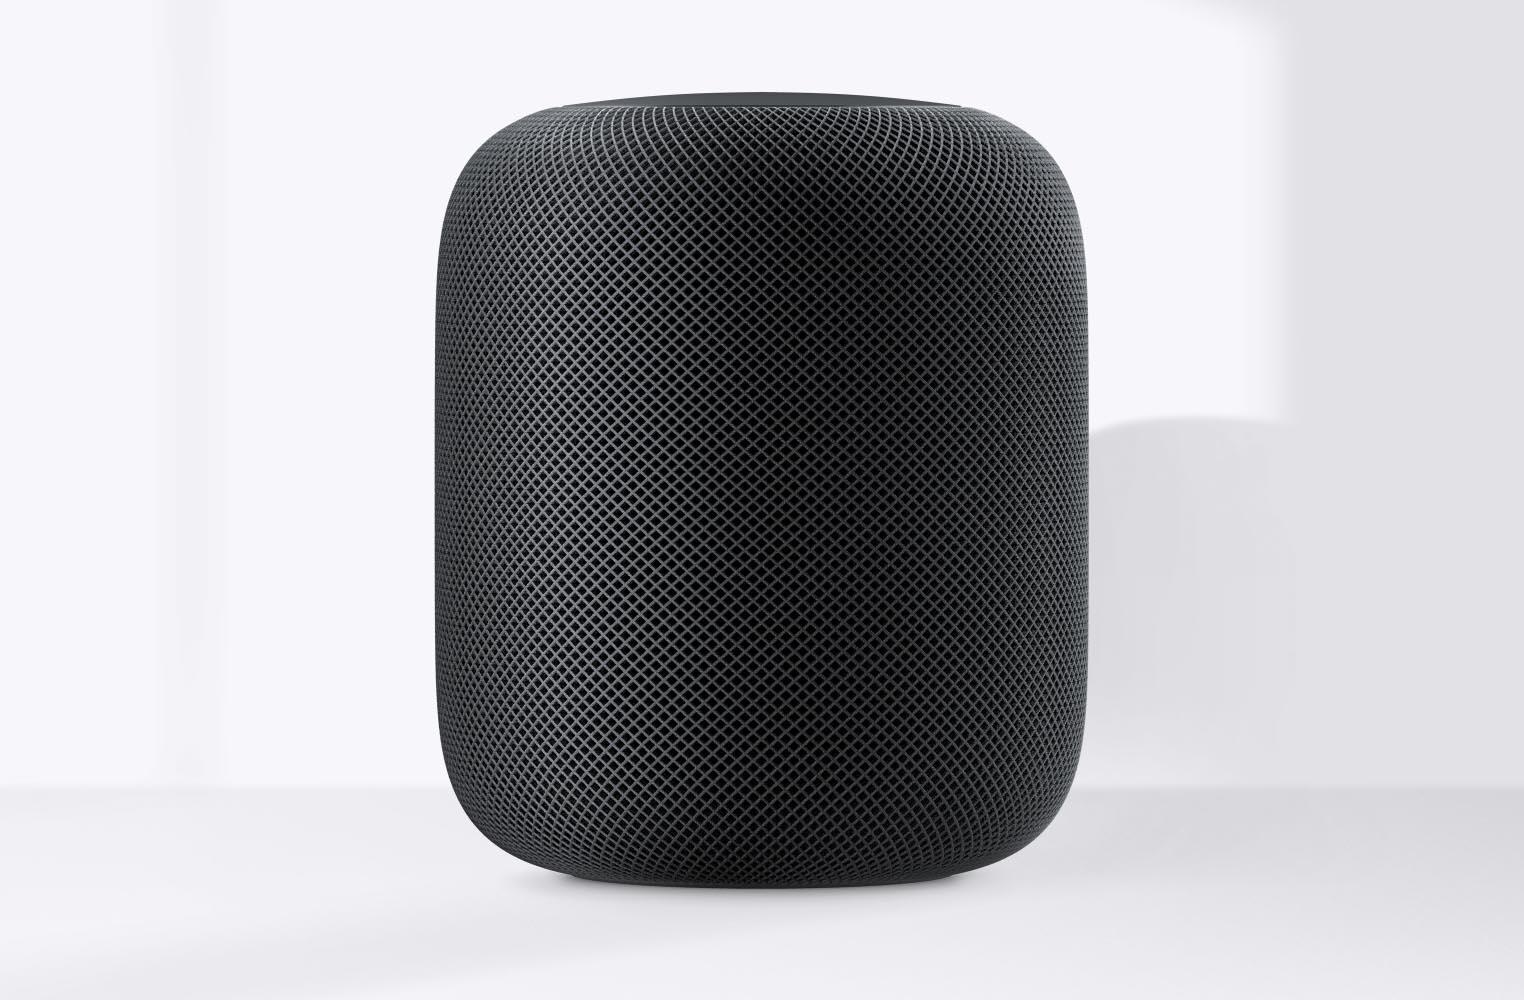 homepod 1 - Apple pourrait écouler 10 millions de HomePod en 2018